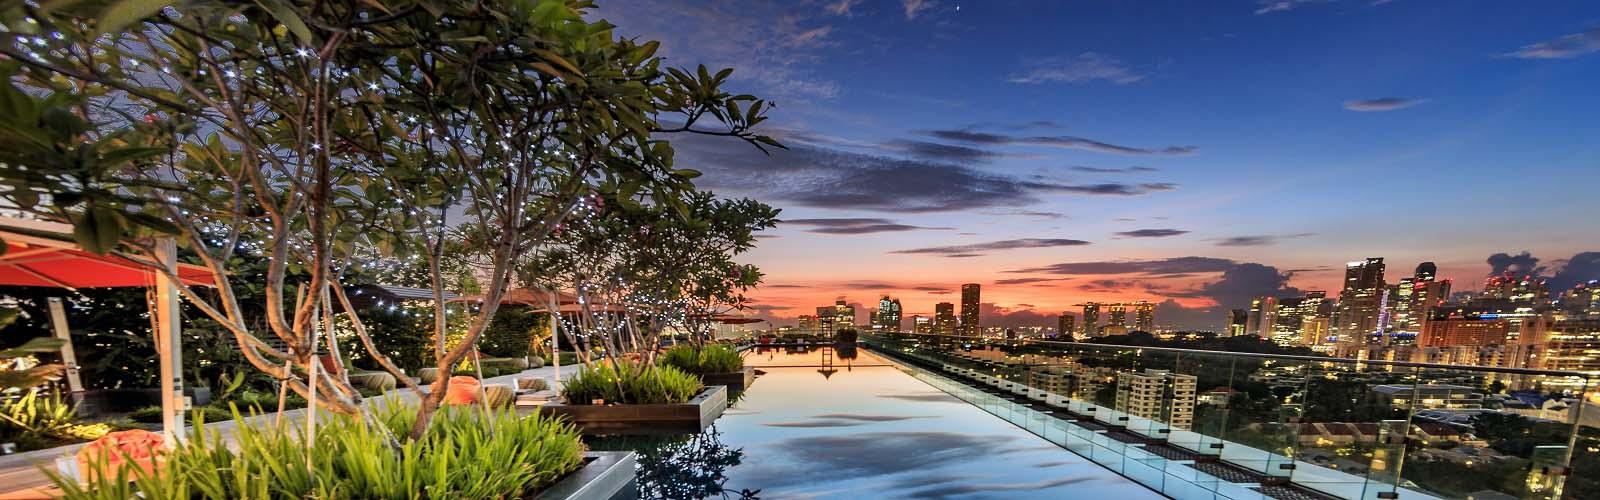 Hotel Jen rooftop pool